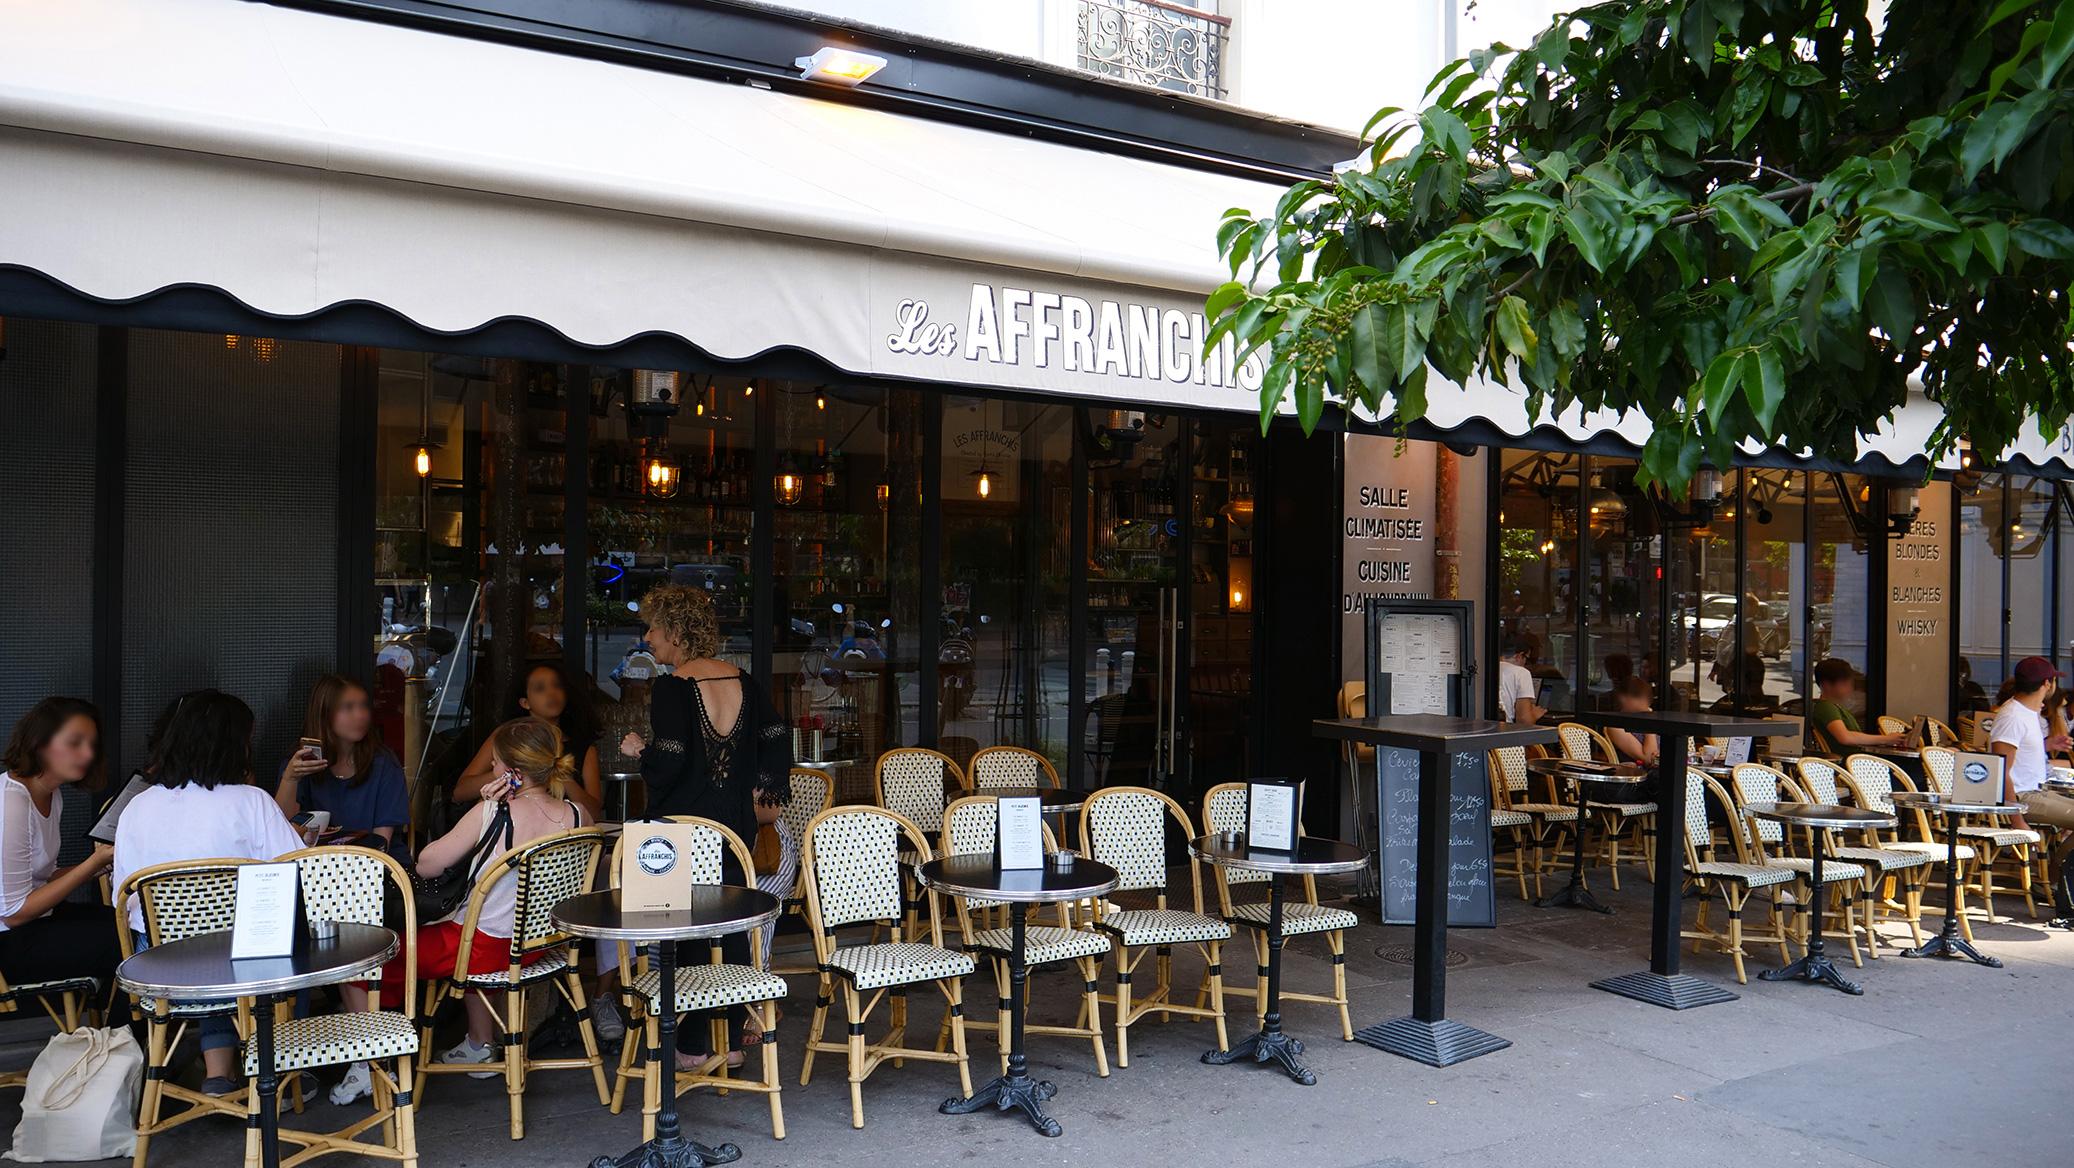 Terrasse Les Affranchis Paris 13e